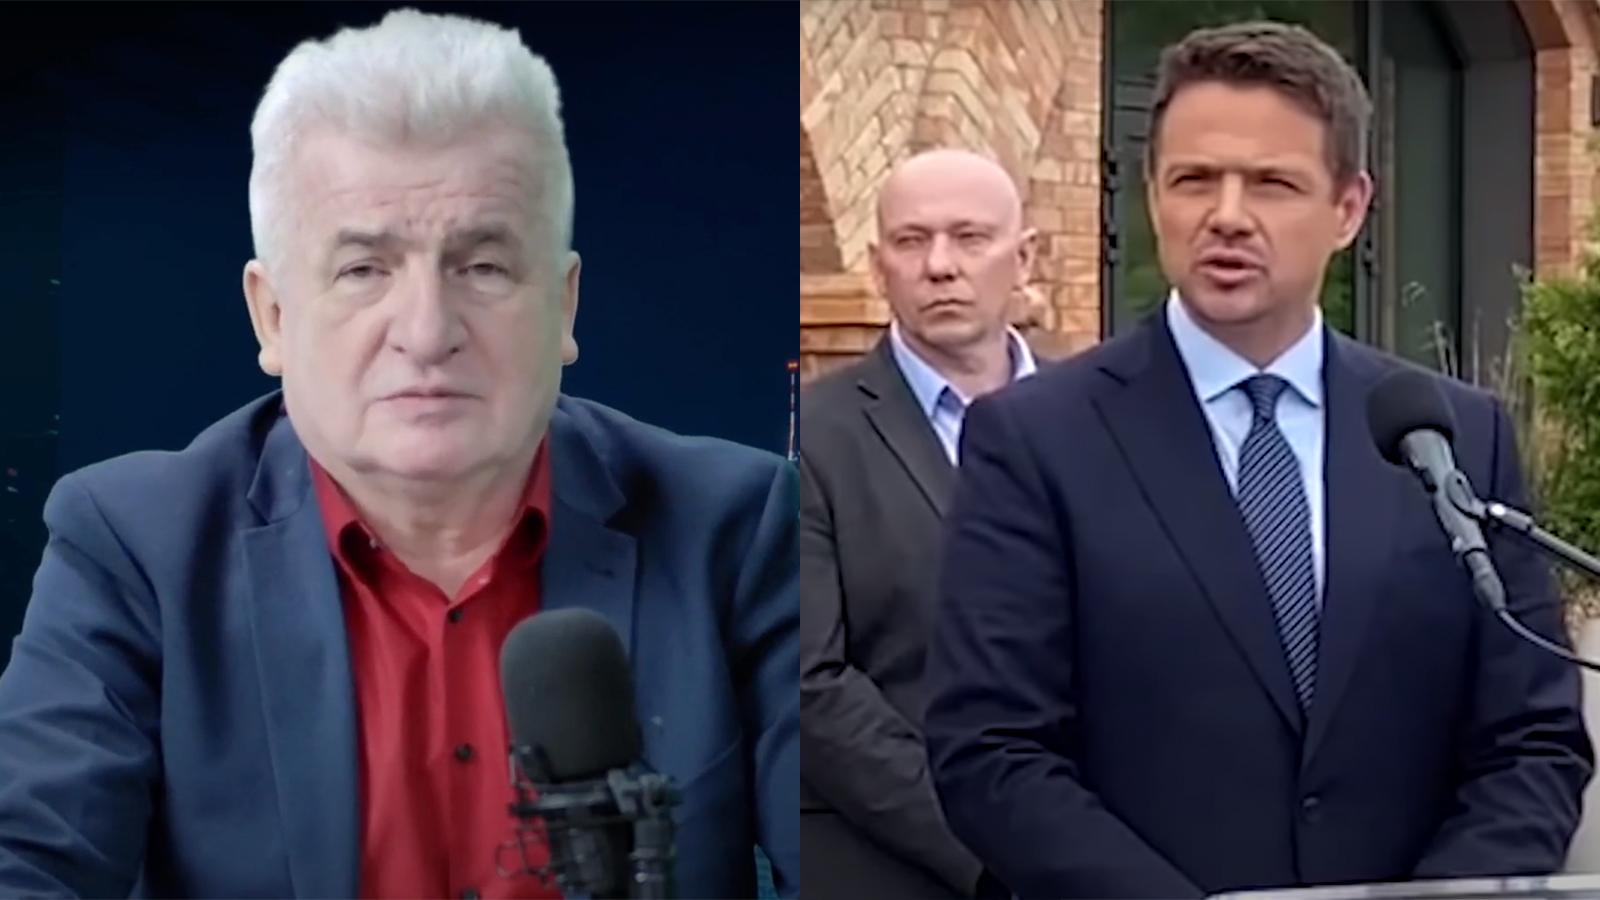 Ikonowicz punktuje BŁĄD Trzaskowskiego. Zobacz, w czym myli się prezydent Warszawy